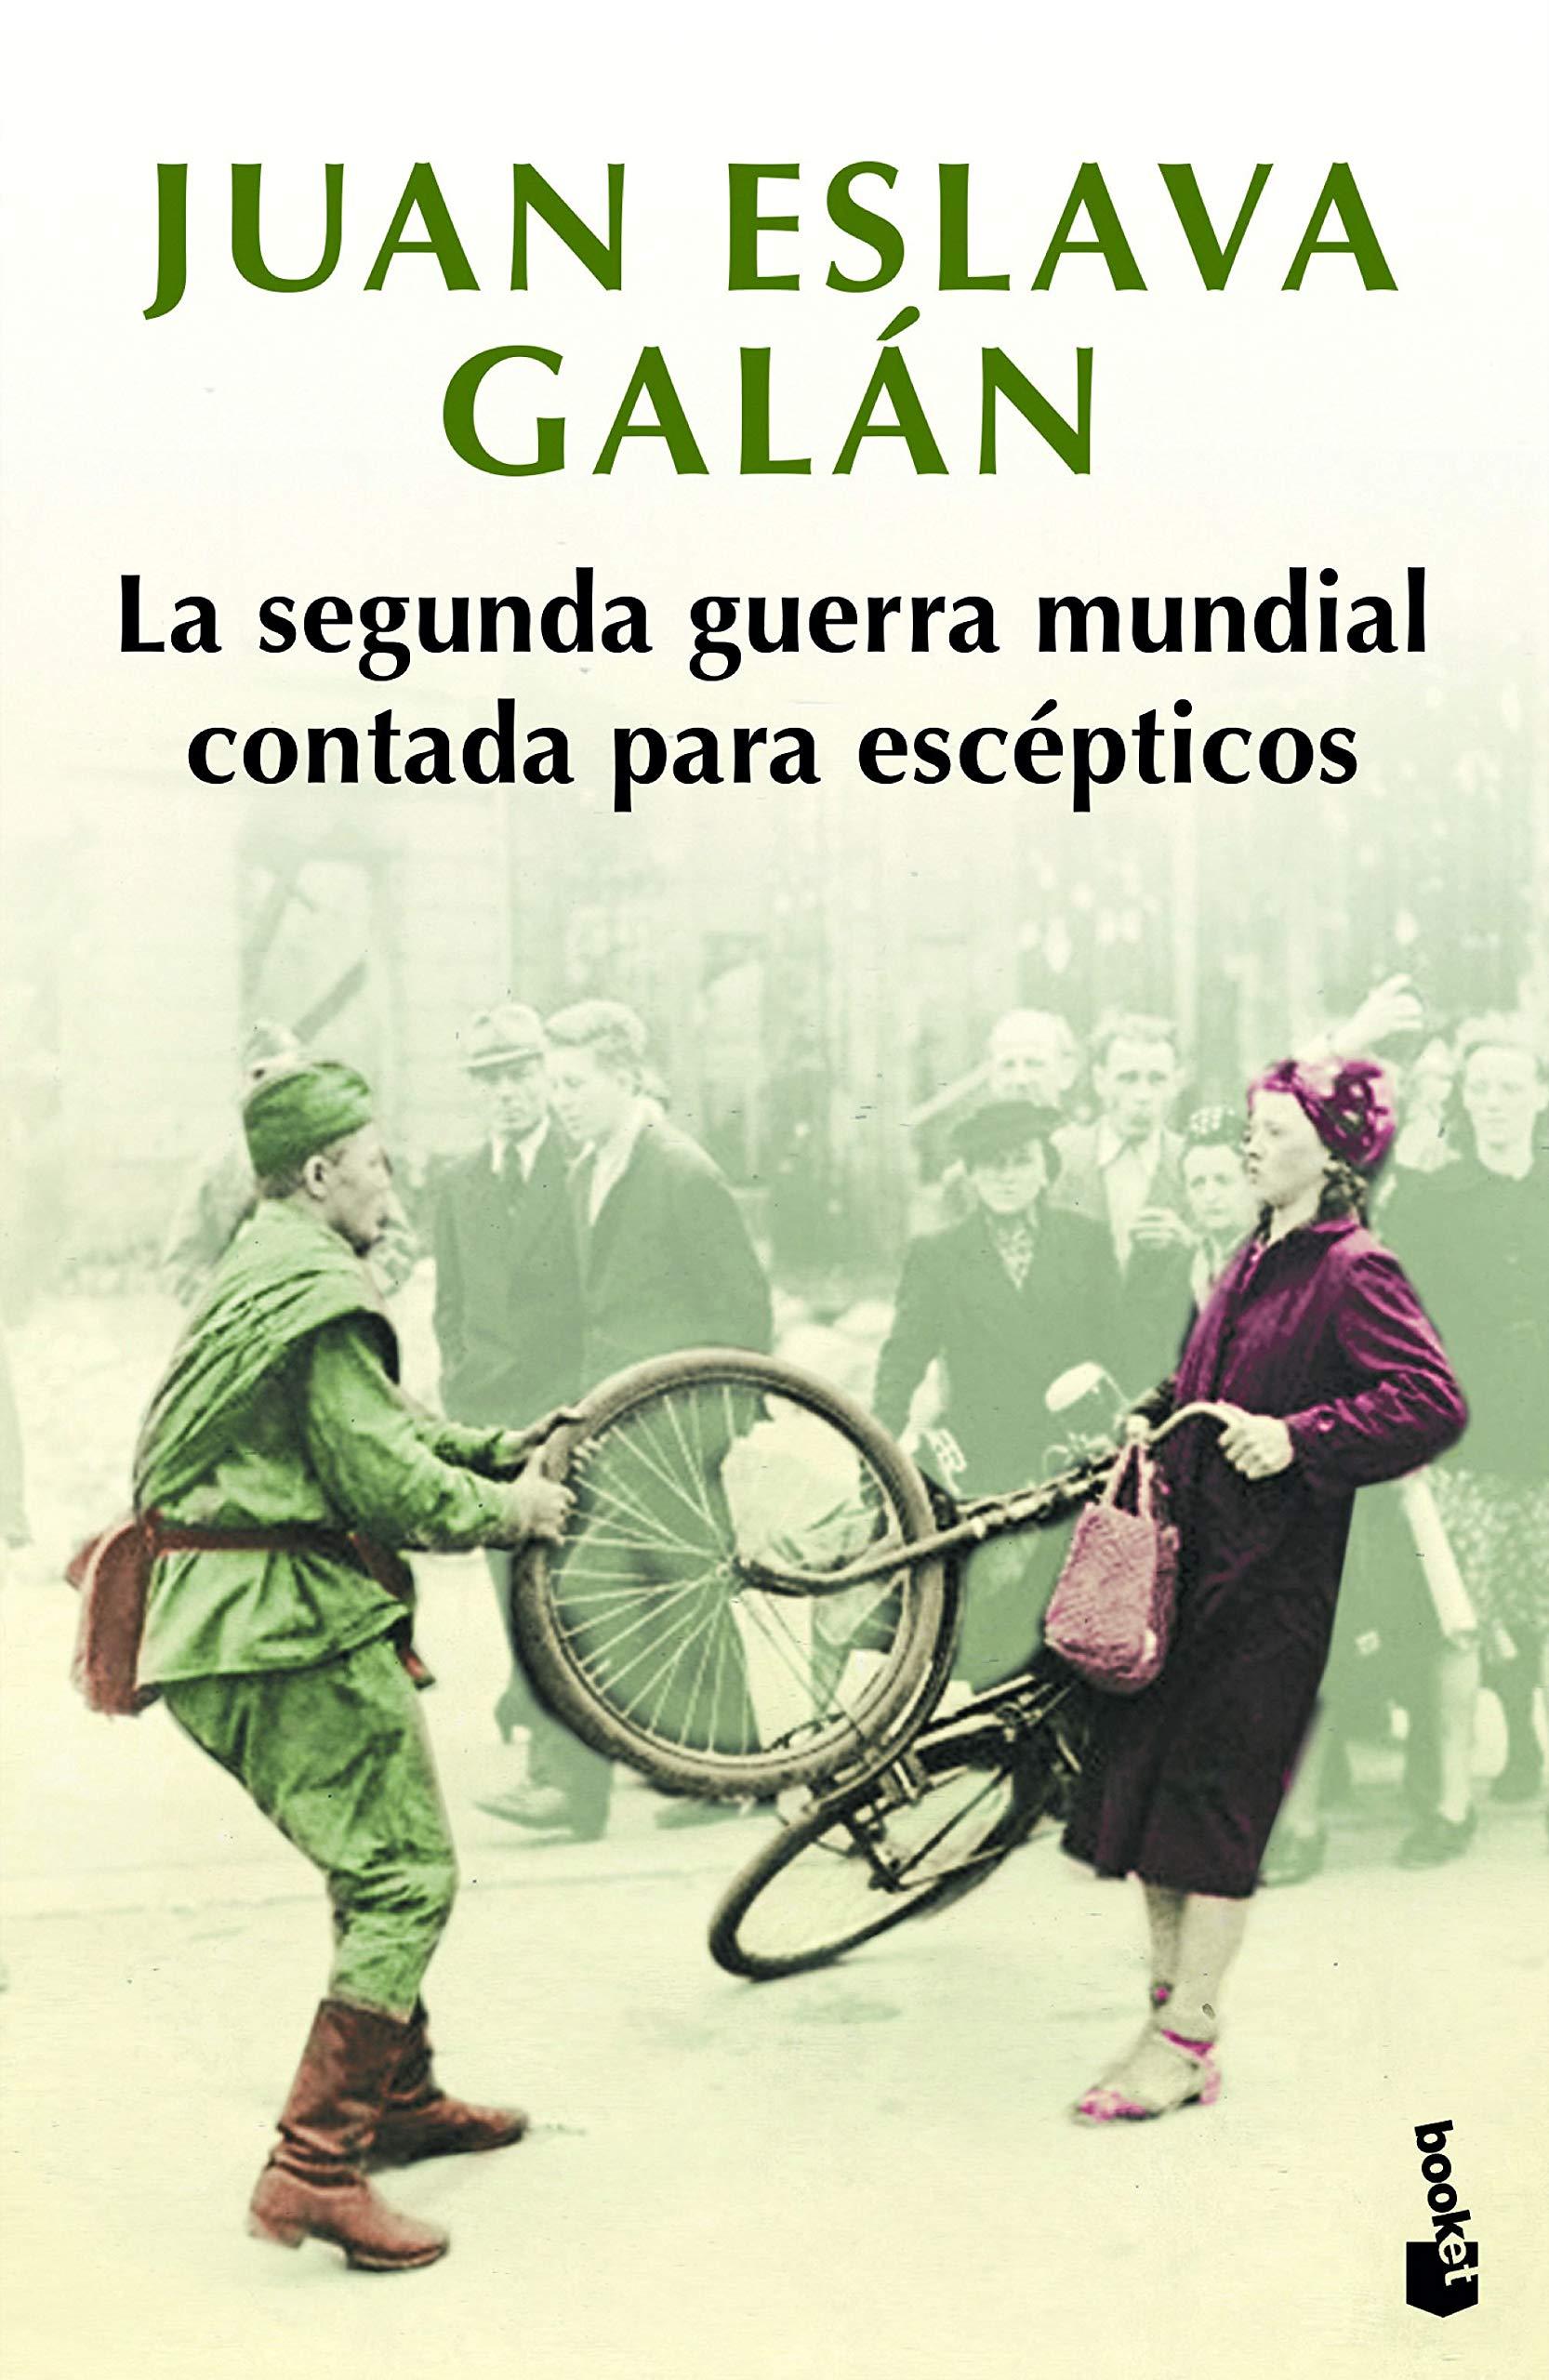 La segunda guerra mundial contada para escépticos Colección especial 2019: Amazon.es: Eslava Galán, Juan: Libros